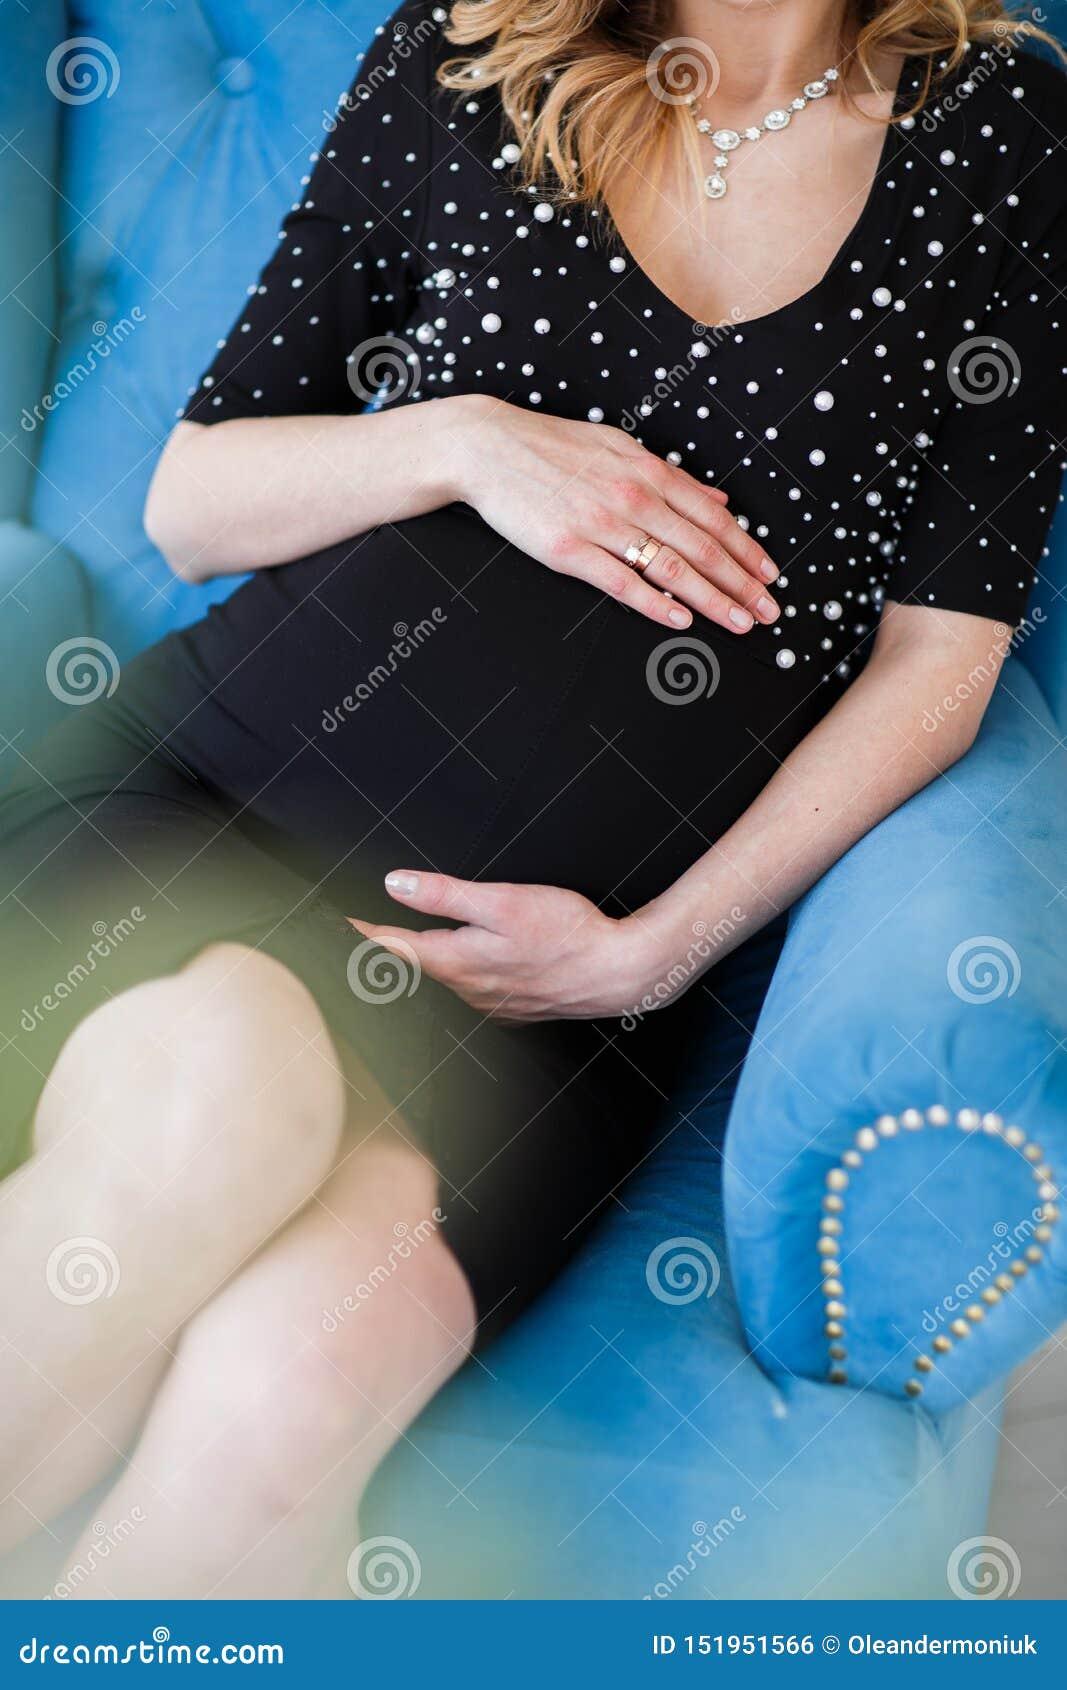 Schwangere Frau im schwarzen Kleid hält Hände auf Bauch auf einem weißen Hintergrund